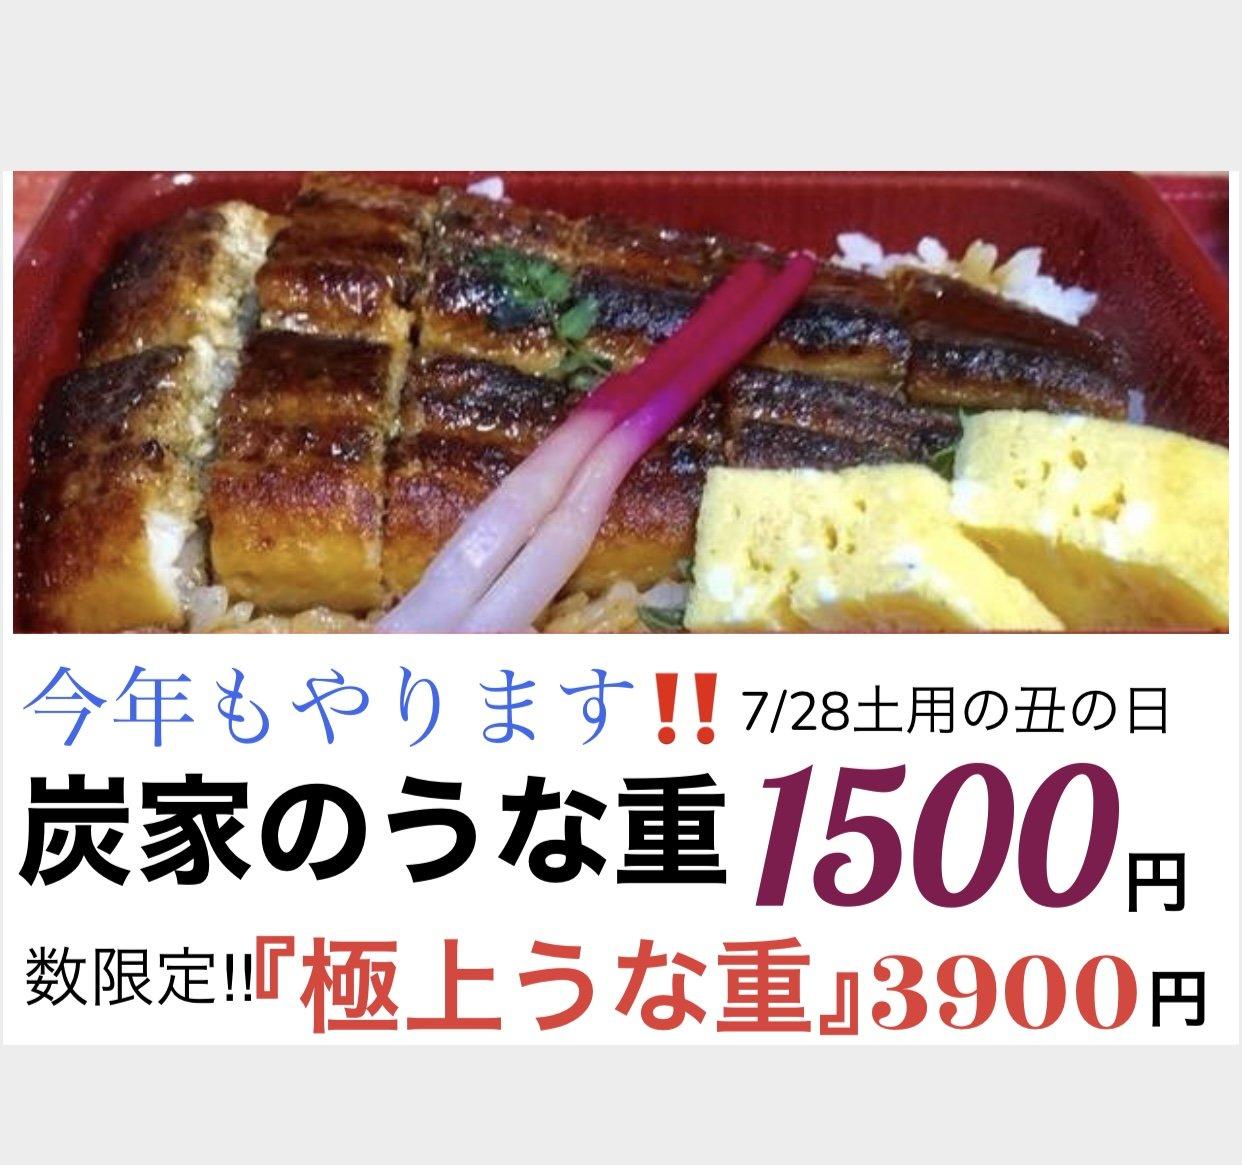 炭家の『愛知県産極上うな重』3900円のイメージその1